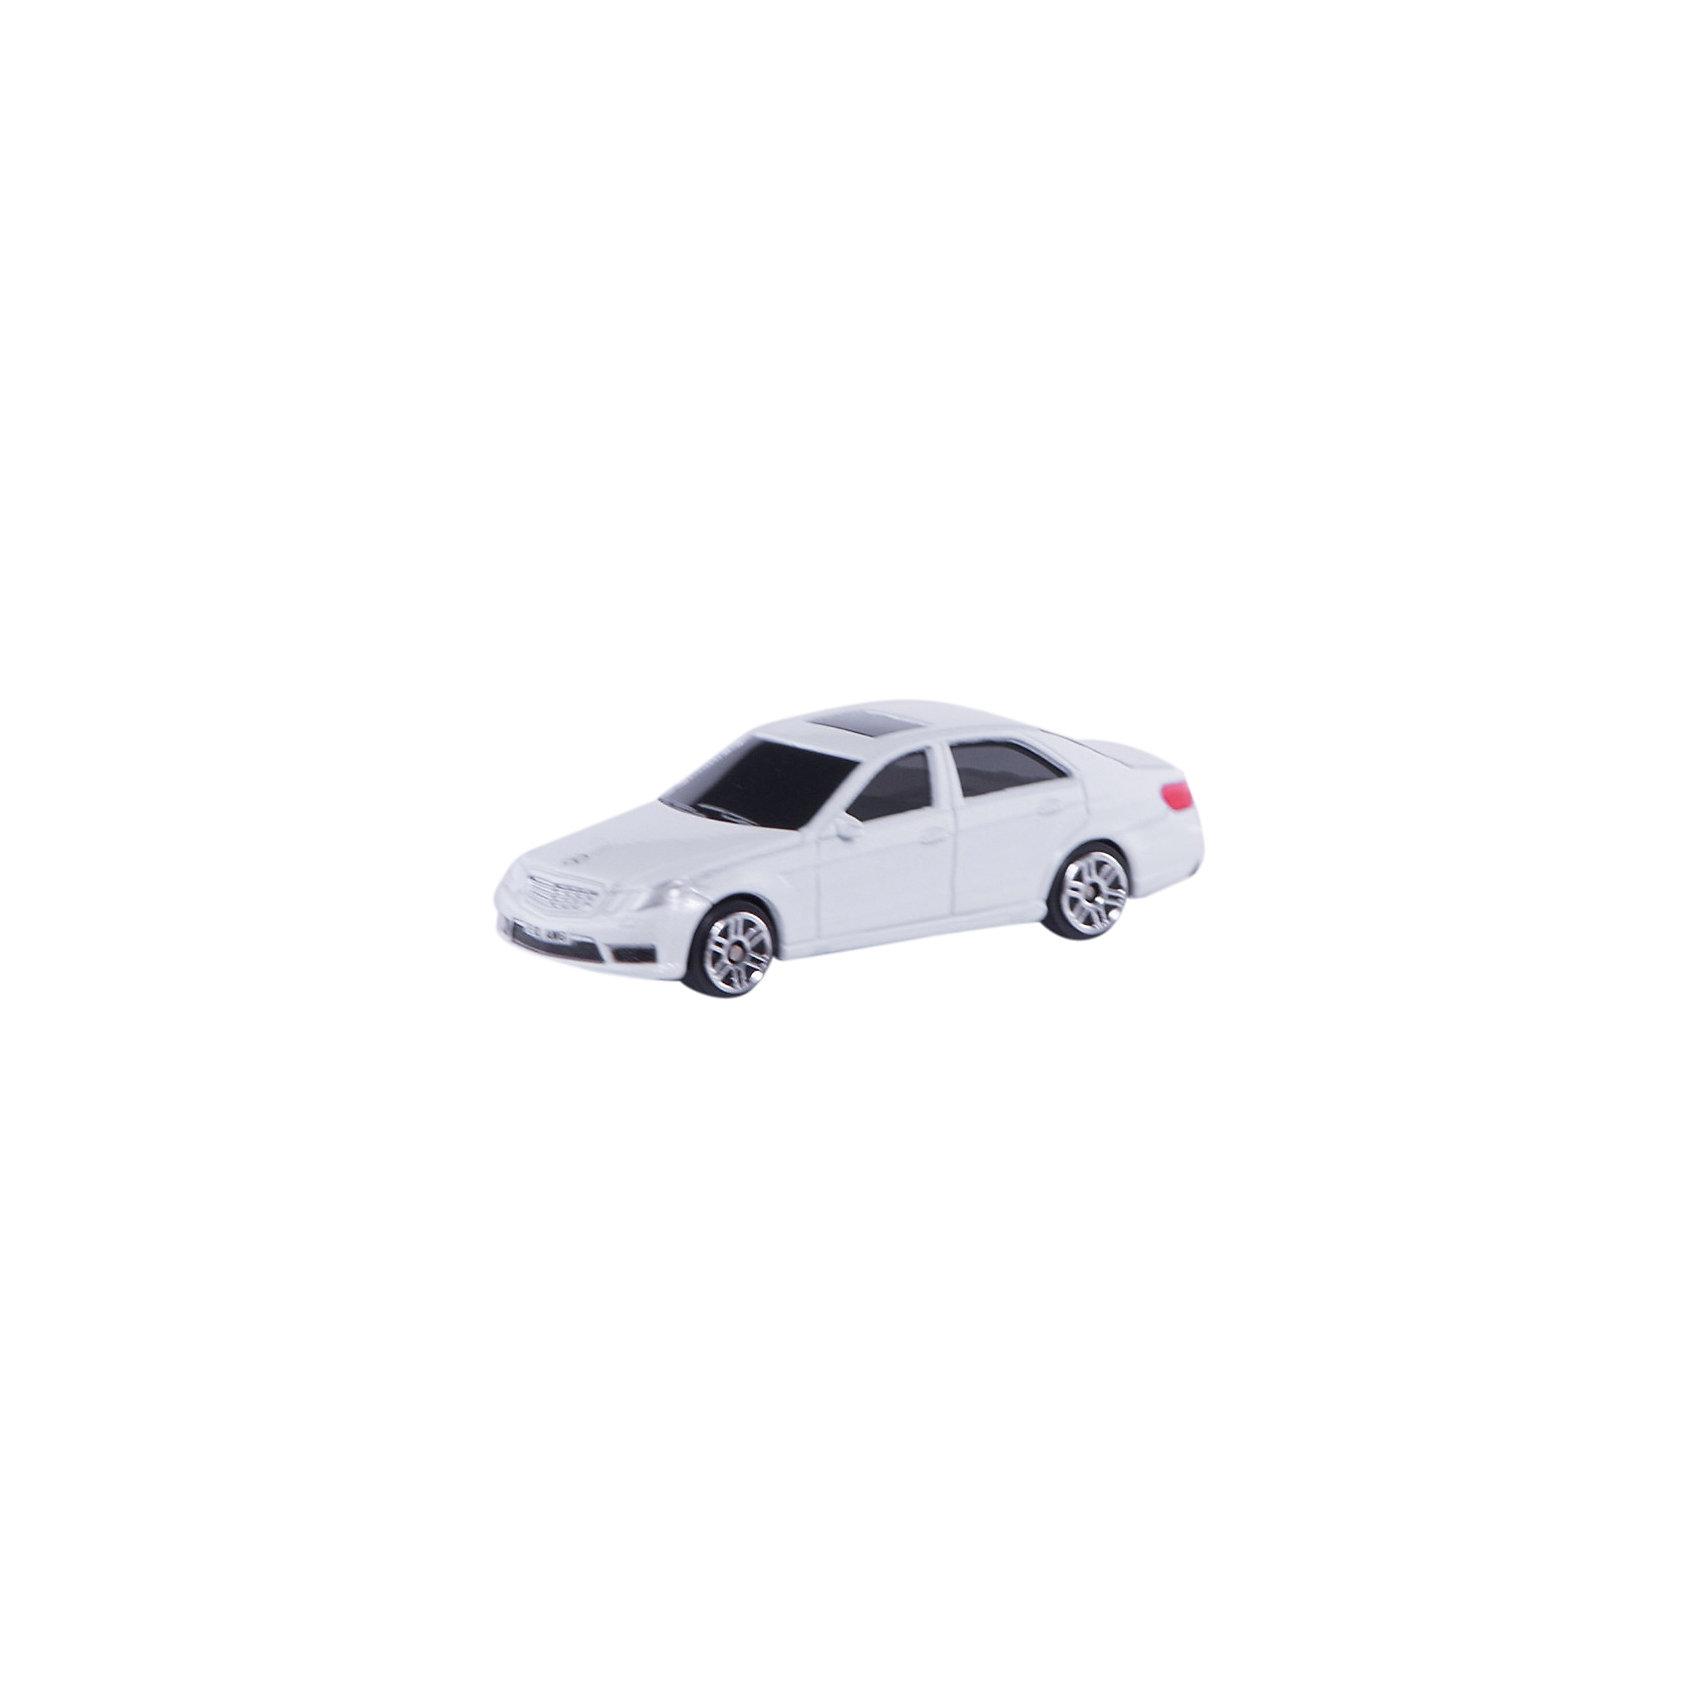 Машинка Mercedes-Benz E63 AMG Jeans 3, AutotimeМашинки<br>Характеристики товара:<br><br>• цвет: в ассортименте<br>• возраст: от 3 лет<br>• материал: металл, пластик<br>• масштаб: 1:64<br>• колеса вращаются<br>• размер упаковки: 9х4х4 см<br>• вес с упаковкой: 100 г<br>• страна бренда: Россия, Китай<br>• страна изготовитель: Китай<br><br>Эта отлично детализированная машинка является коллекционной моделью. Это - миниатюрная копия реально существующей модели.<br><br>Сделана машинка из прочного и безопасного материала. Модель с вращающимися колесами.<br><br>Машинку «Mercedes-Benz E63 AMG» Jeans 3, Autotime (Автотайм) можно купить в нашем интернет-магазине.<br><br>Ширина мм: 90<br>Глубина мм: 42<br>Высота мм: 40<br>Вес г: 14<br>Возраст от месяцев: 36<br>Возраст до месяцев: 2147483647<br>Пол: Мужской<br>Возраст: Детский<br>SKU: 5584067